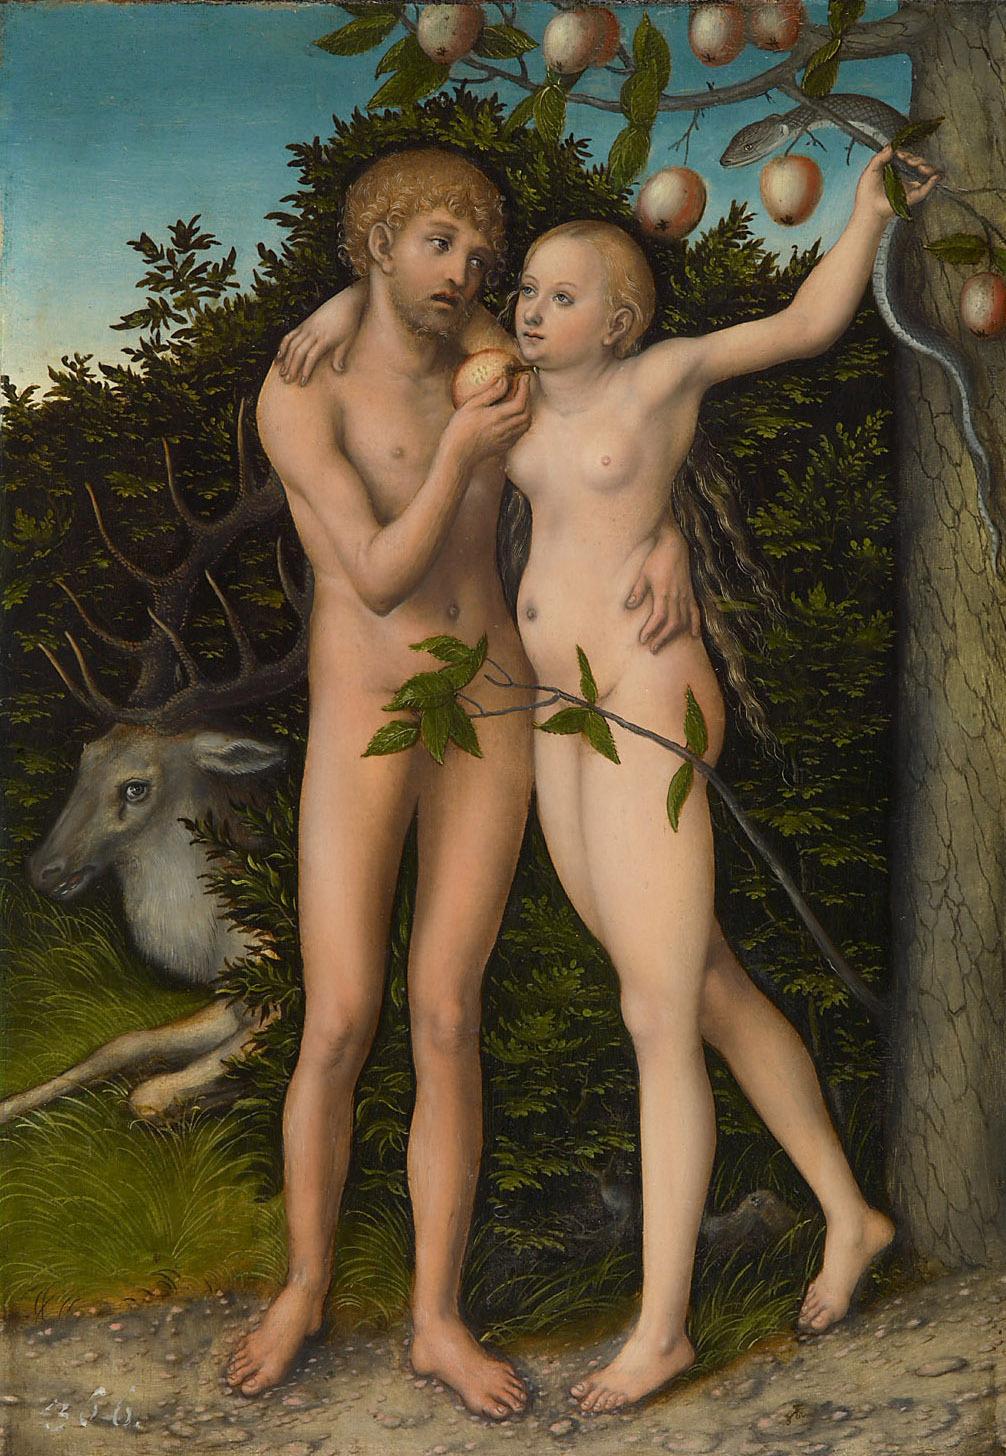 Sündenfall von Lucas Cranach d. Ä.